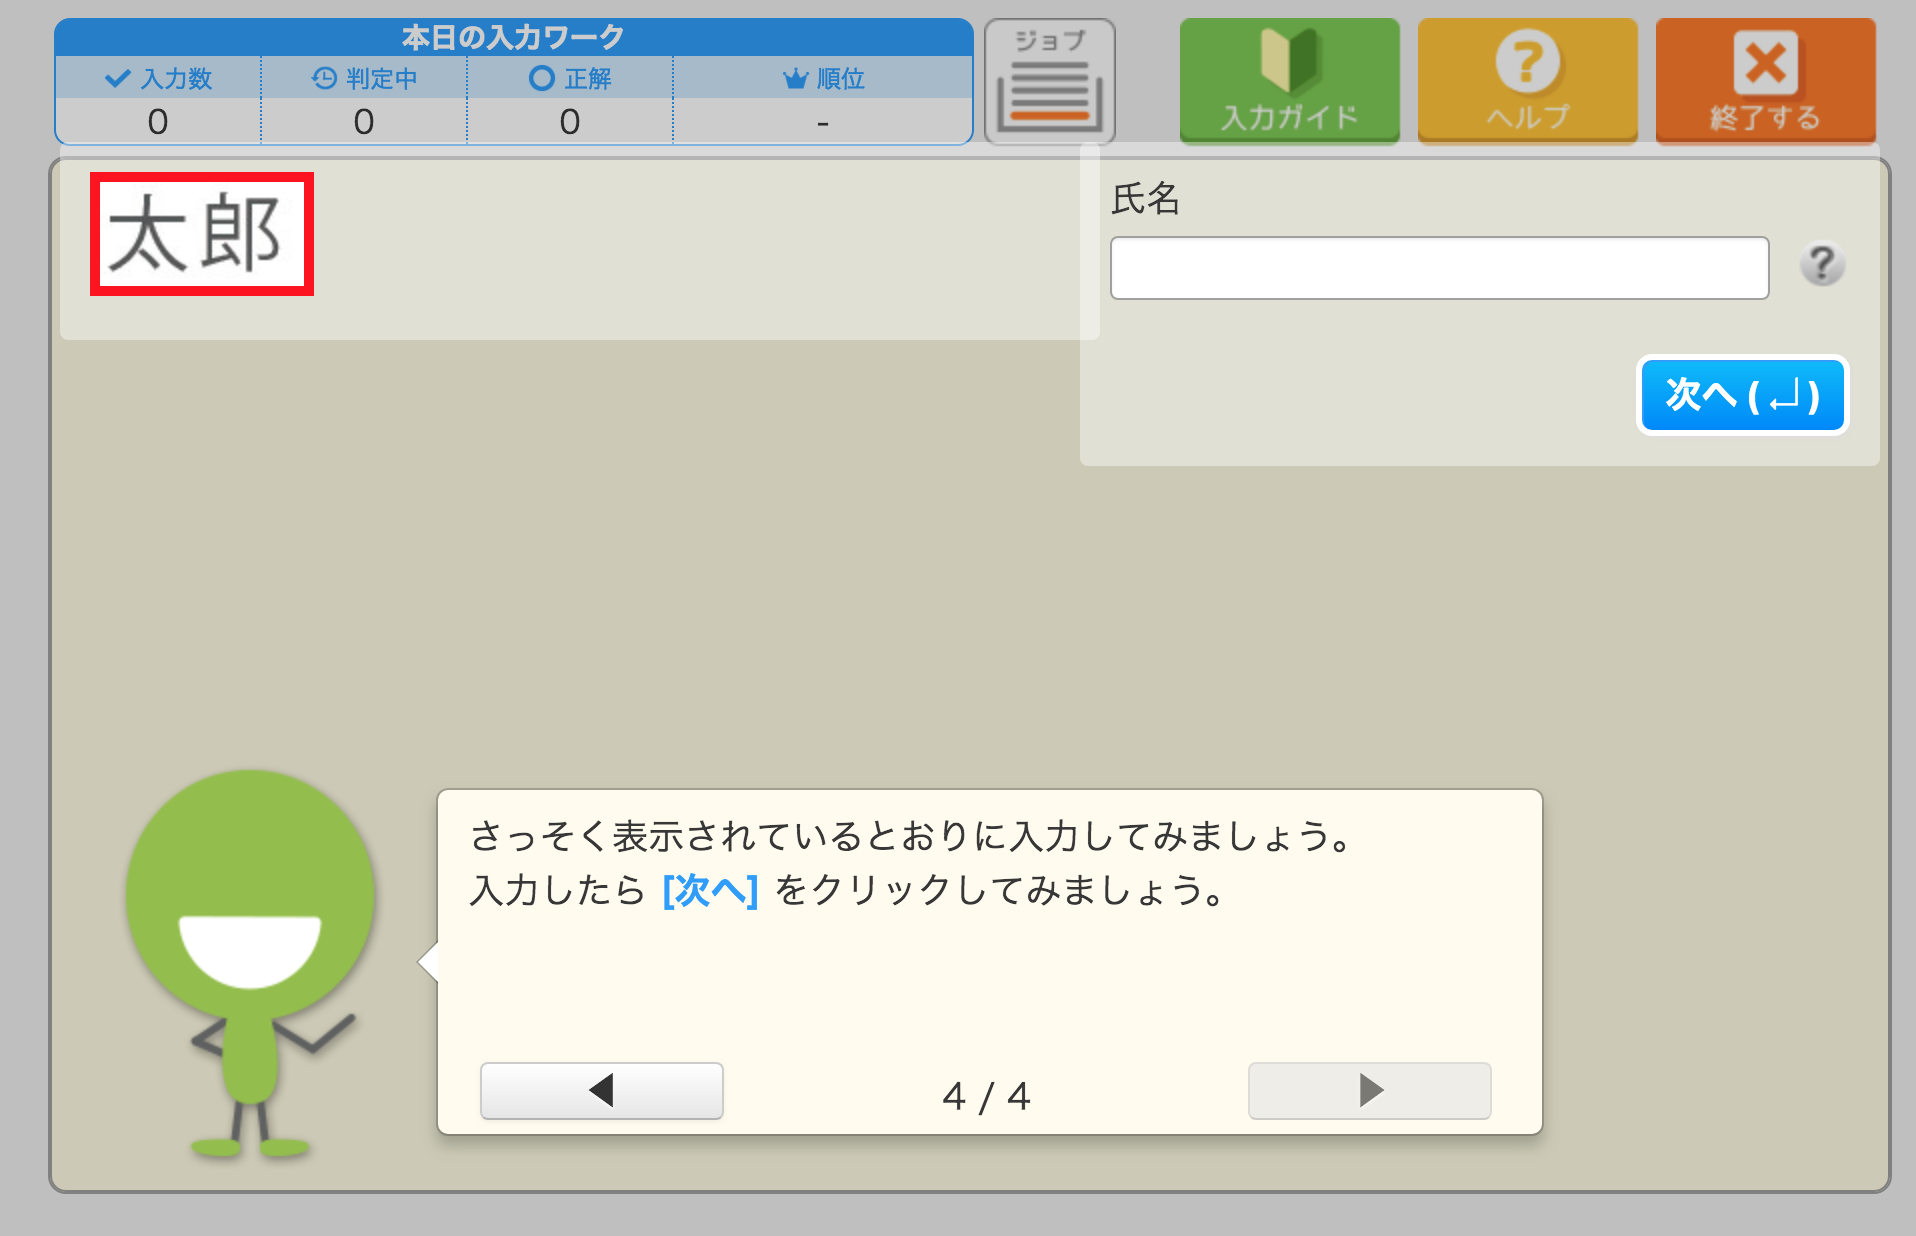 名刺データ入力の画面